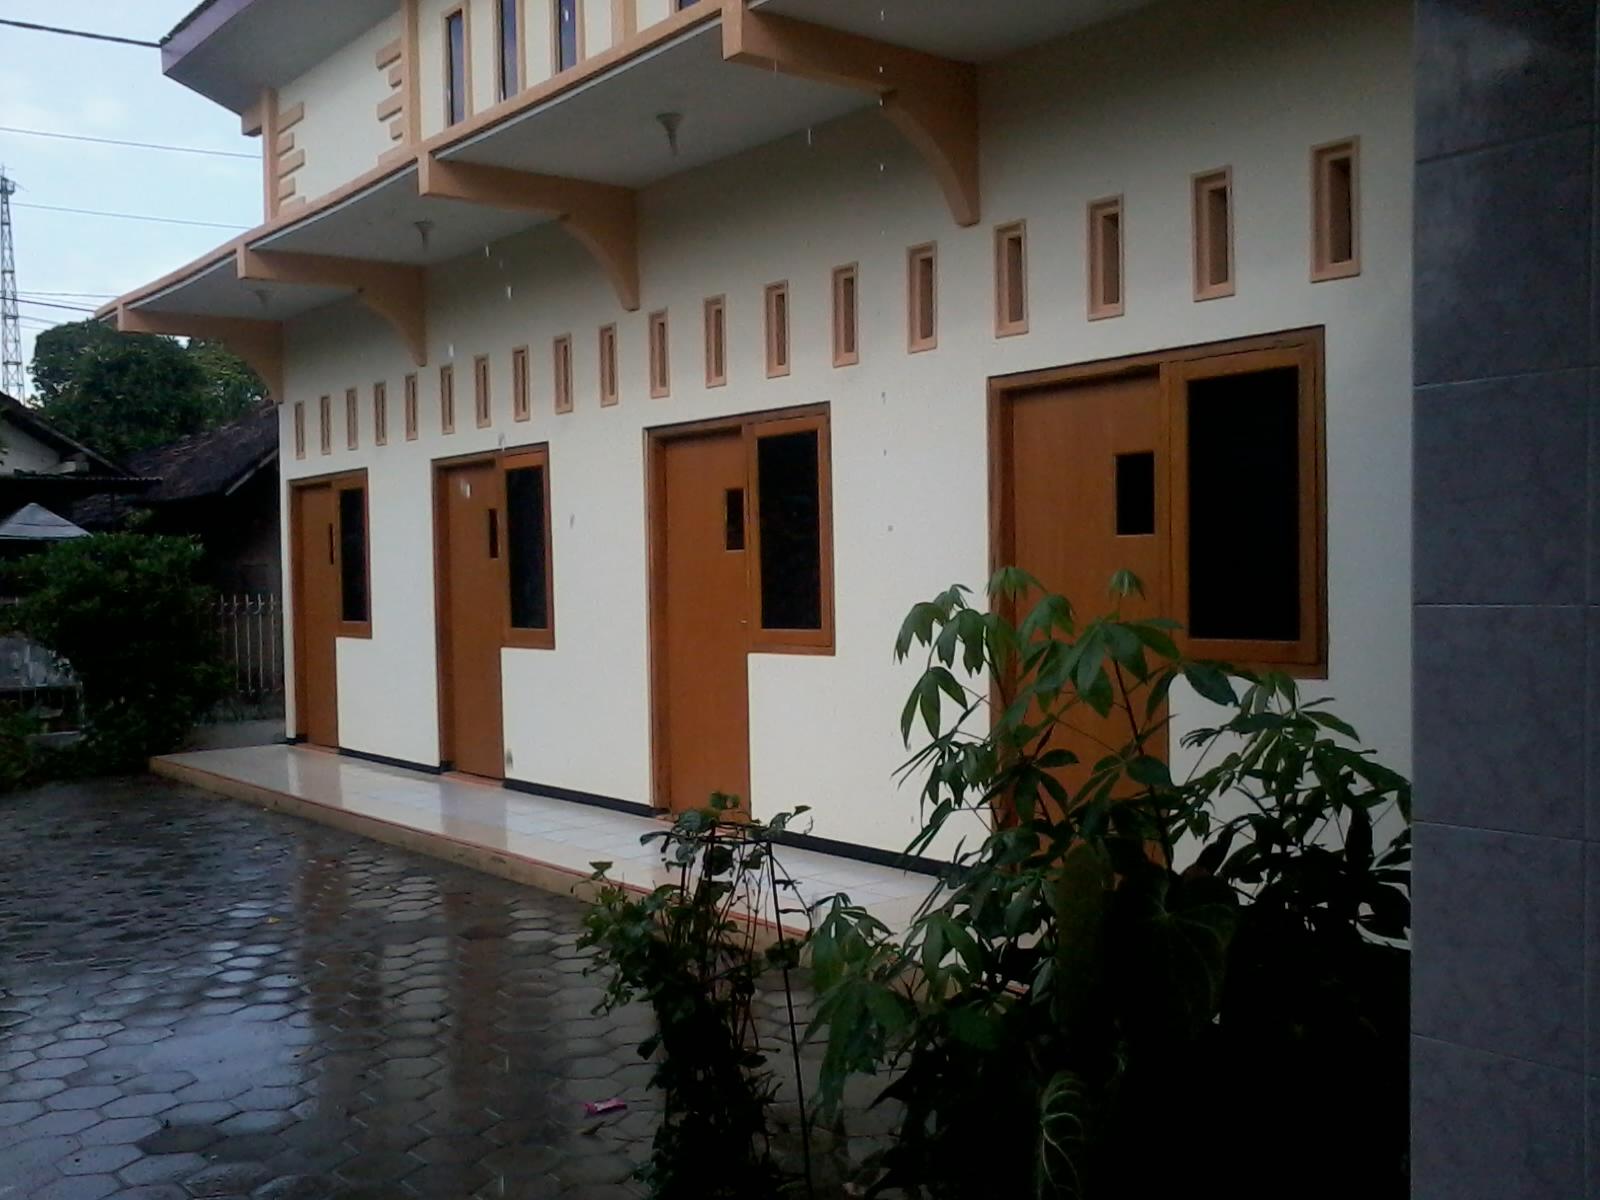 Kost Disewakan Rumah Nyaman Jl Tosaren Ii 87 Kediri Alun